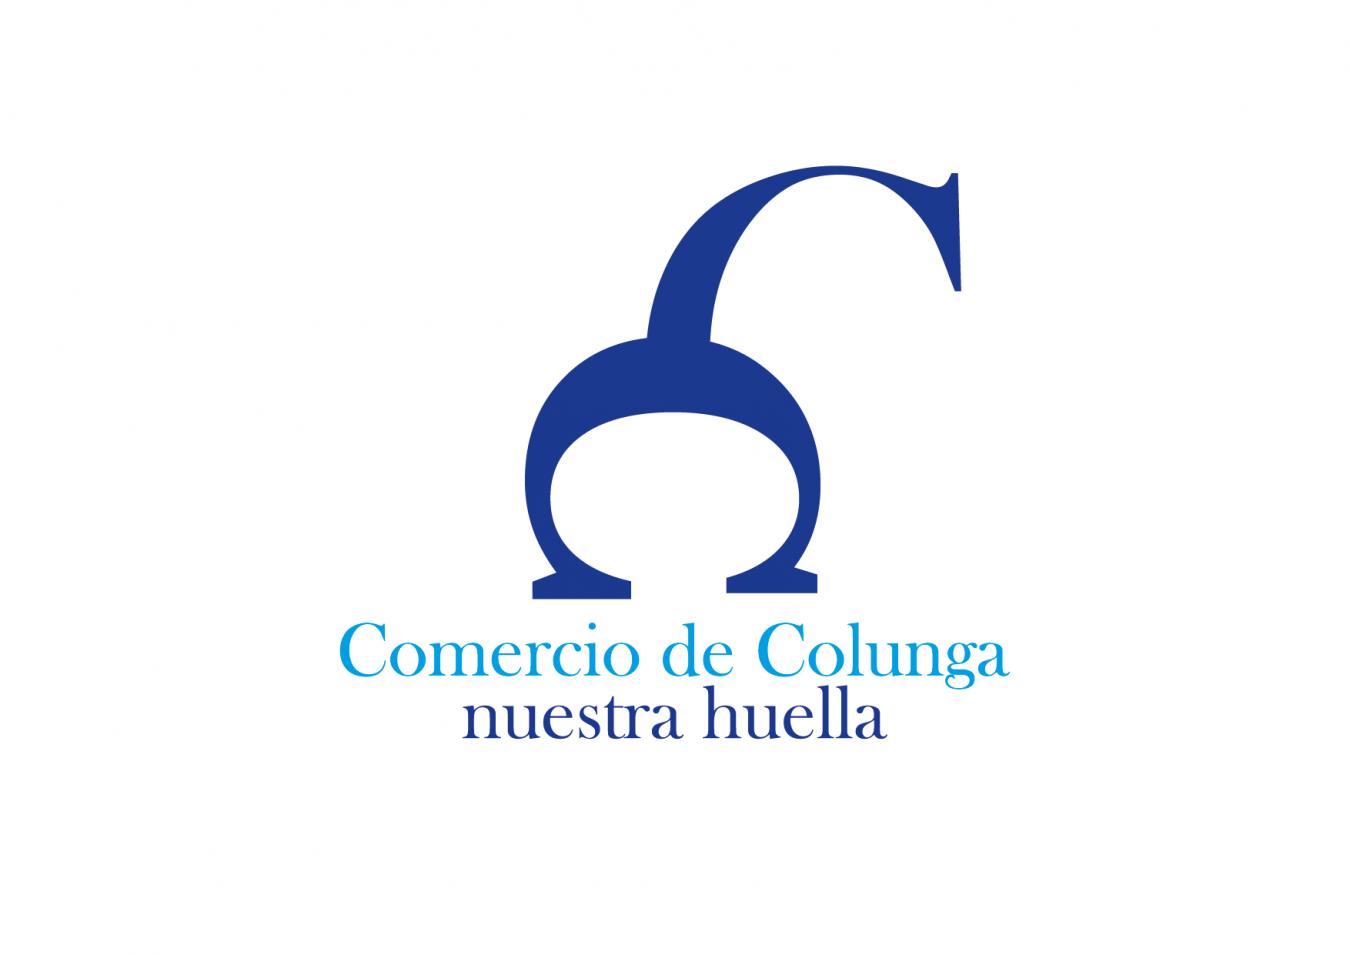 Colunga elige la imagen corporativa para su comercio y plataforma comercial